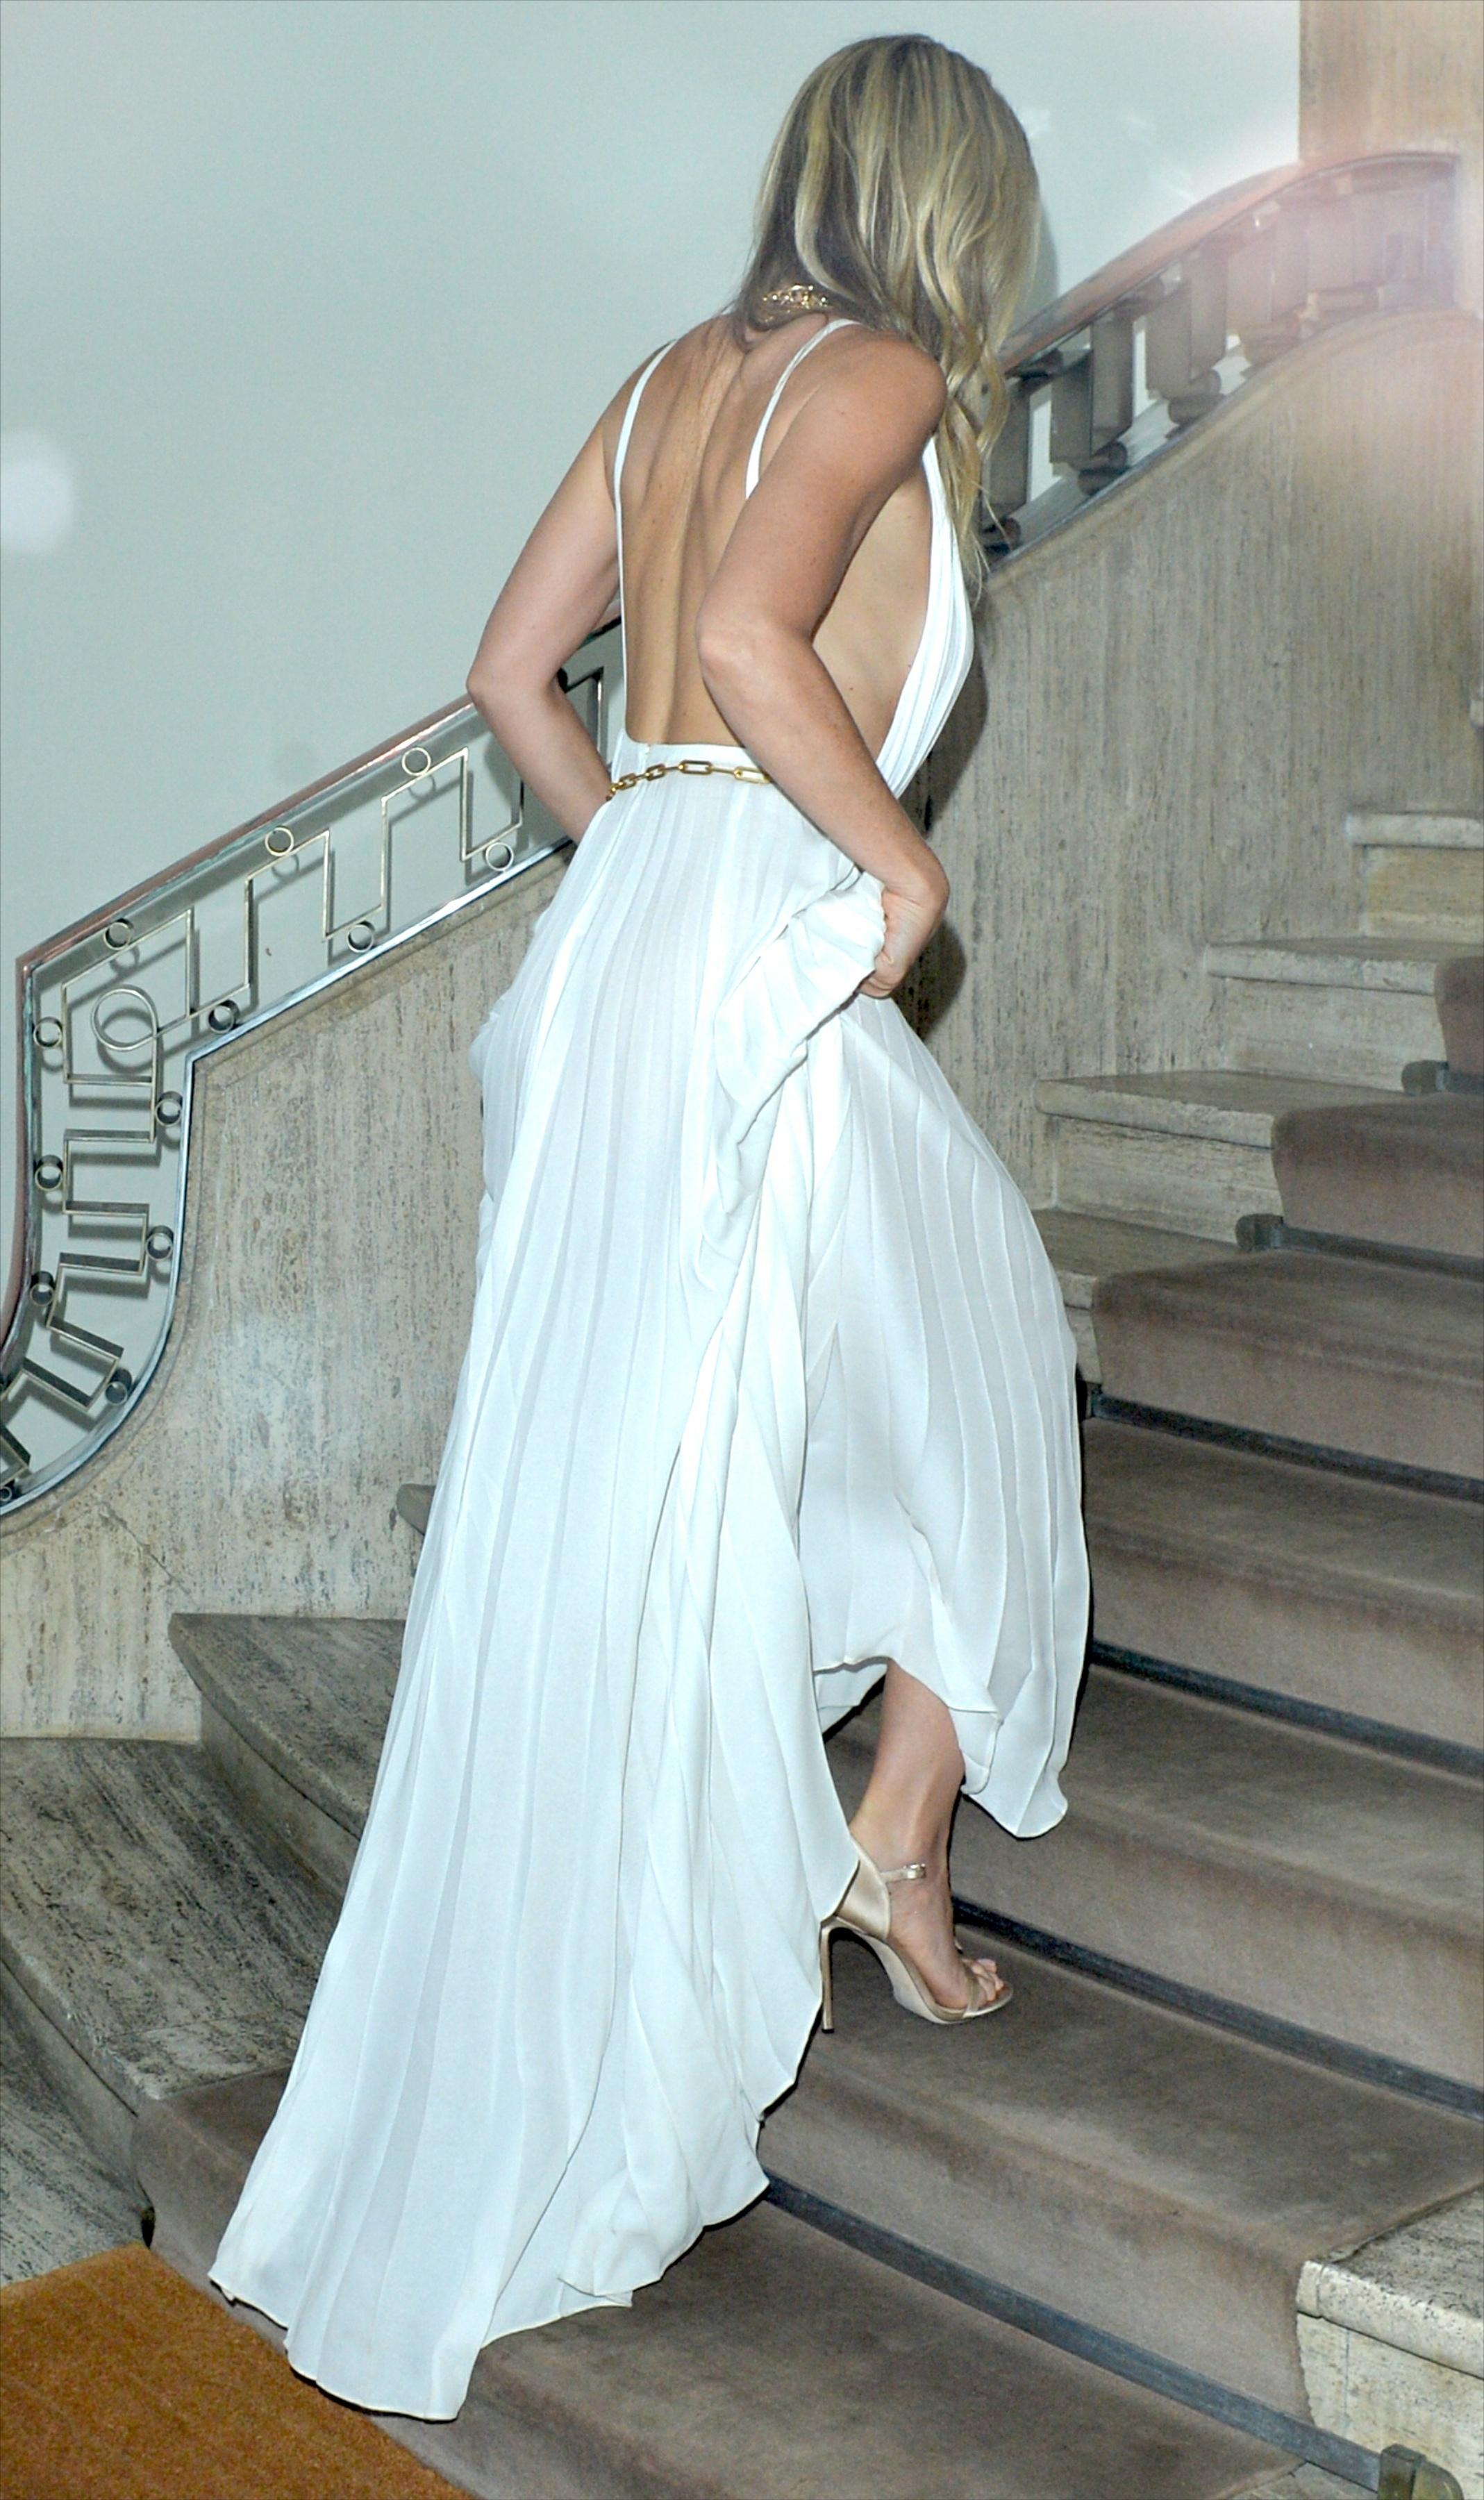 Gwyneth Paltrow sexy image